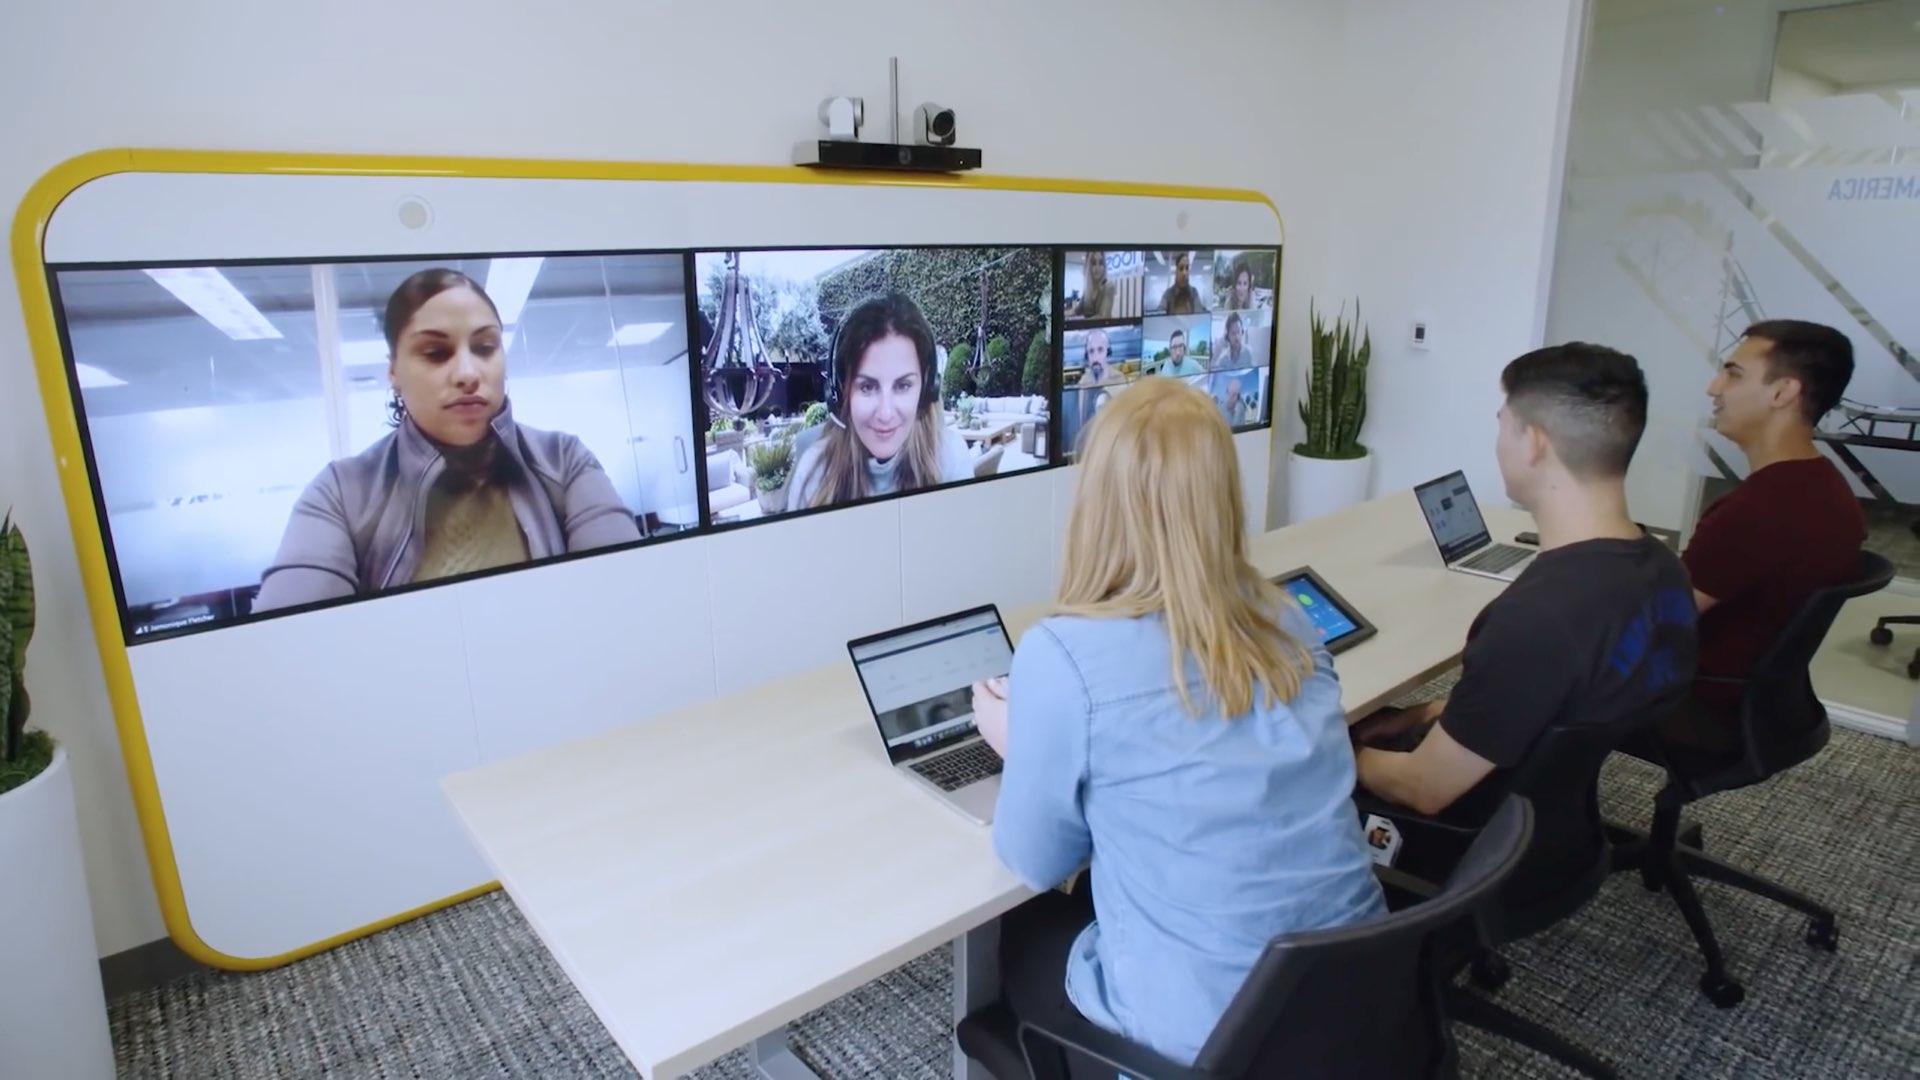 Uudet Zoom-virheet voivat antaa juurihyökkääjille pääsyn Mac-tietokoneeseen, ottaa verkkokameran ja mikrofonin haltuunsa 2